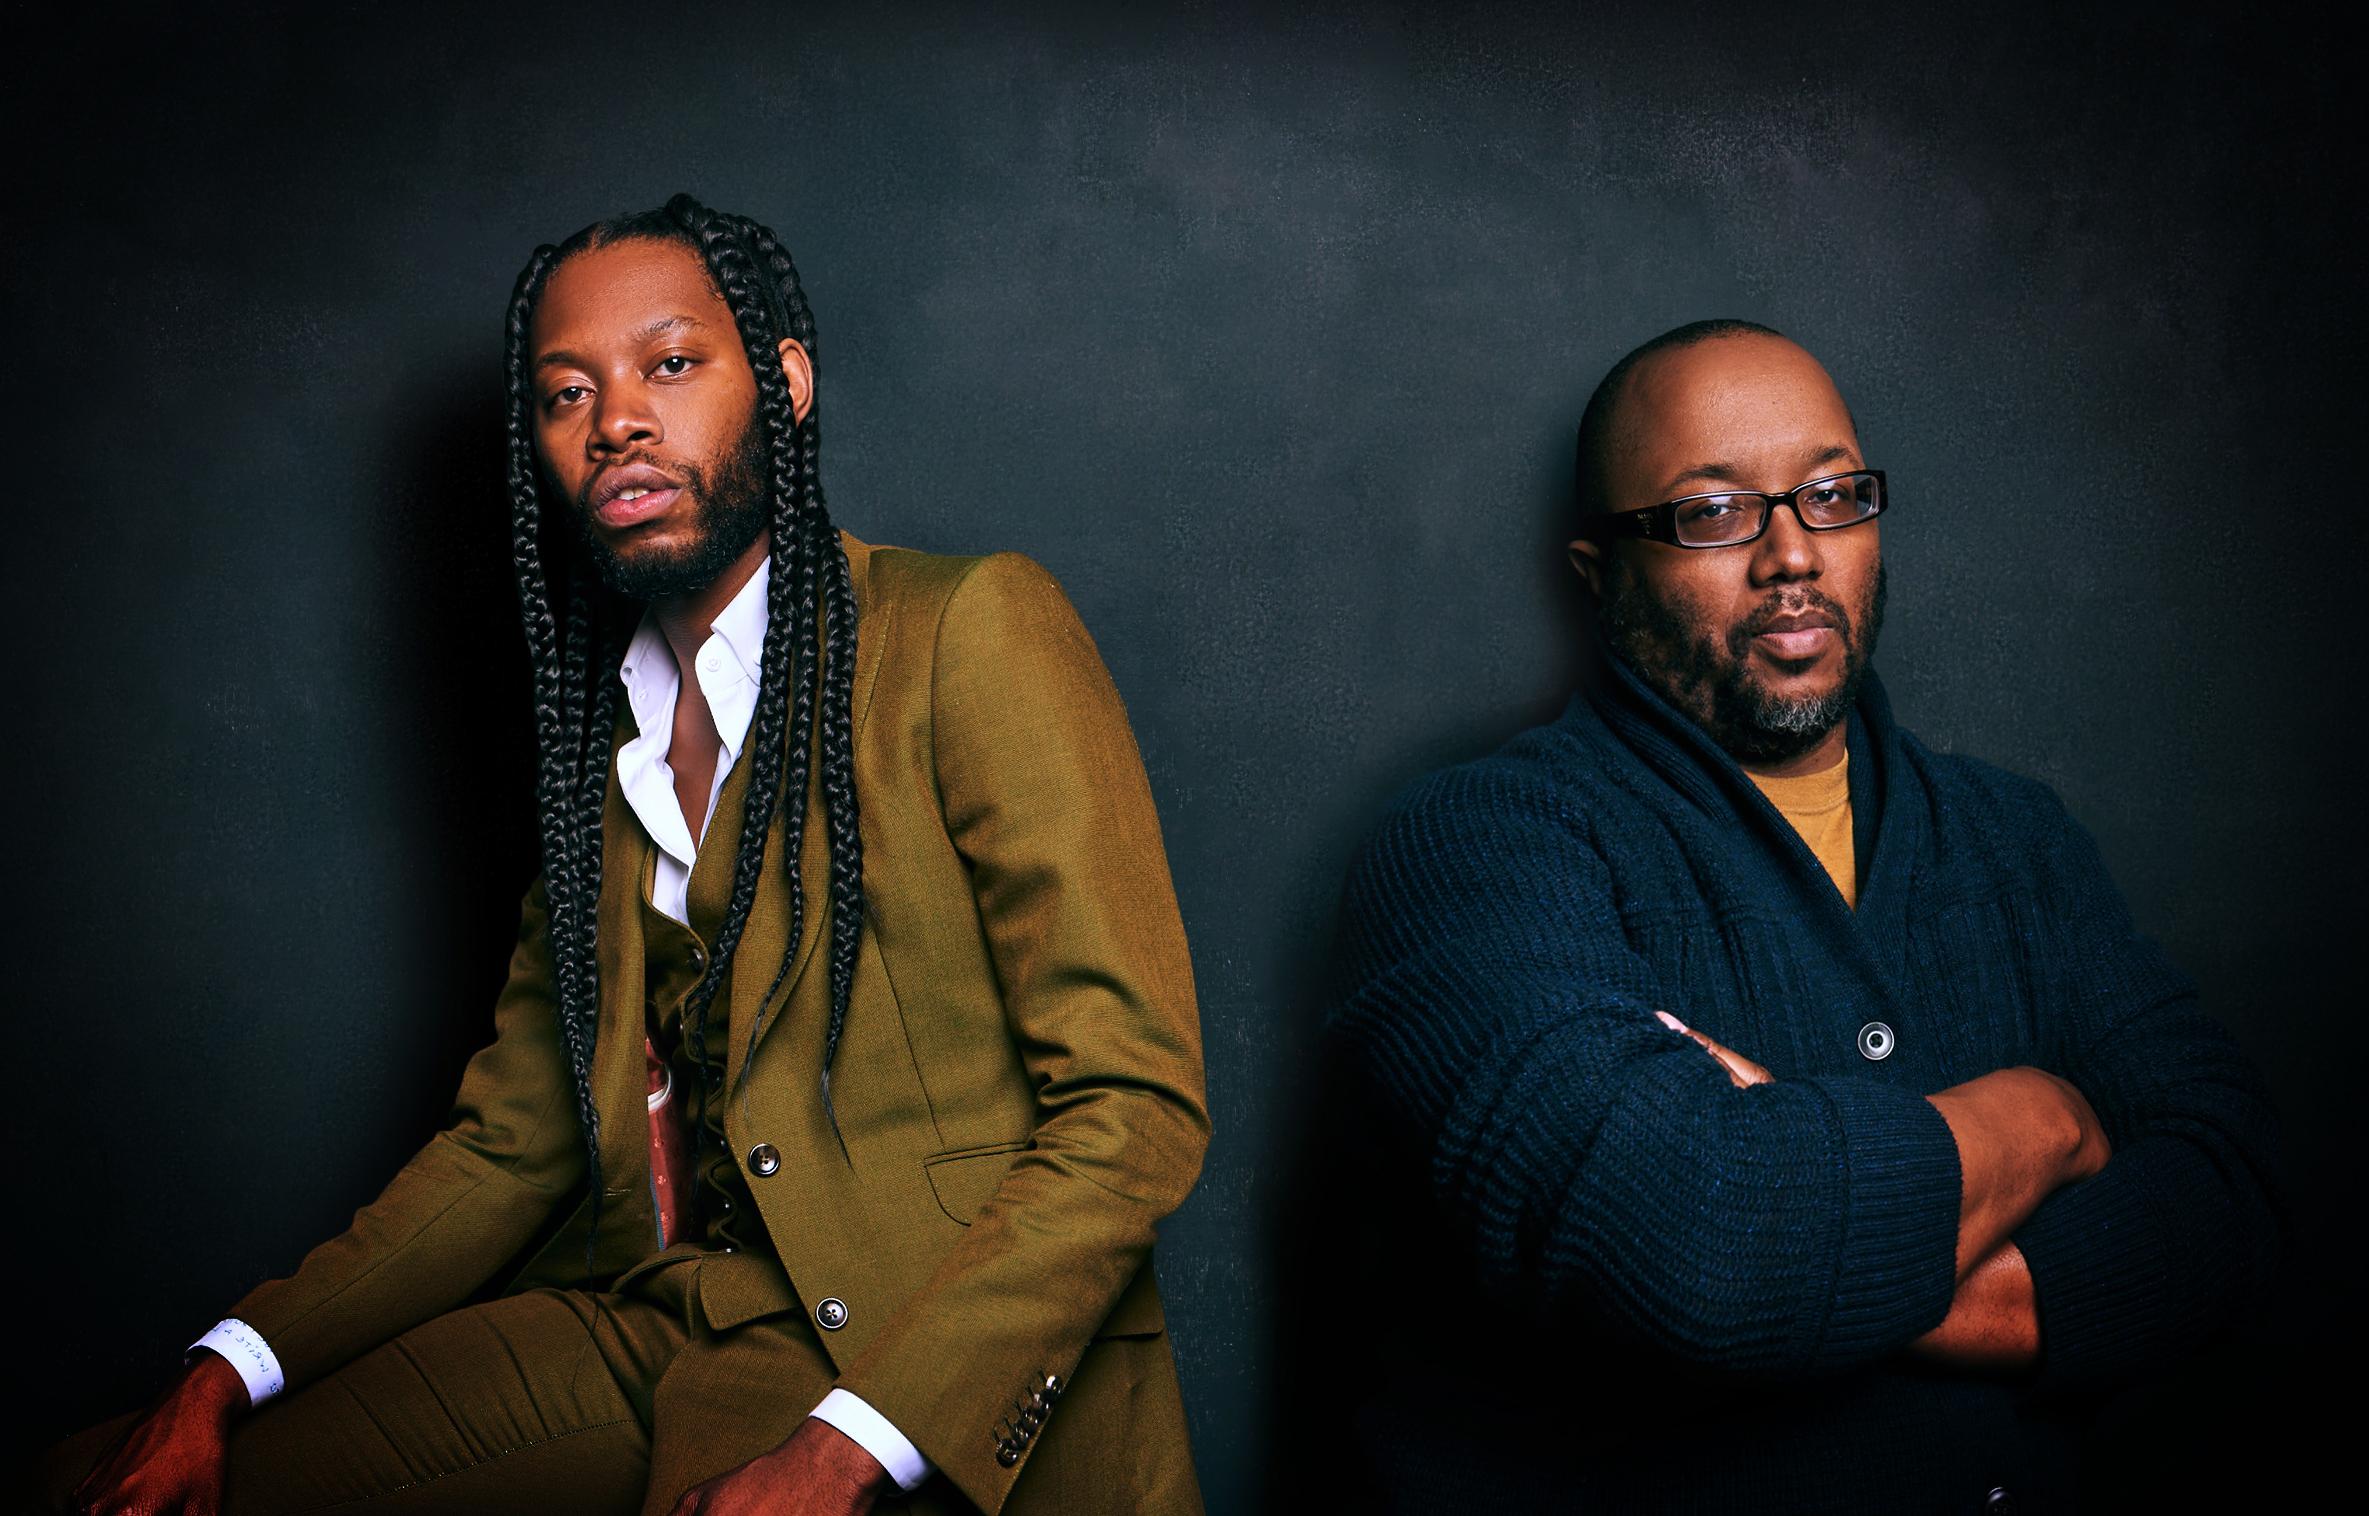 Jeremy O. Harris & Robert O'Hara photo by Jenny Anderson